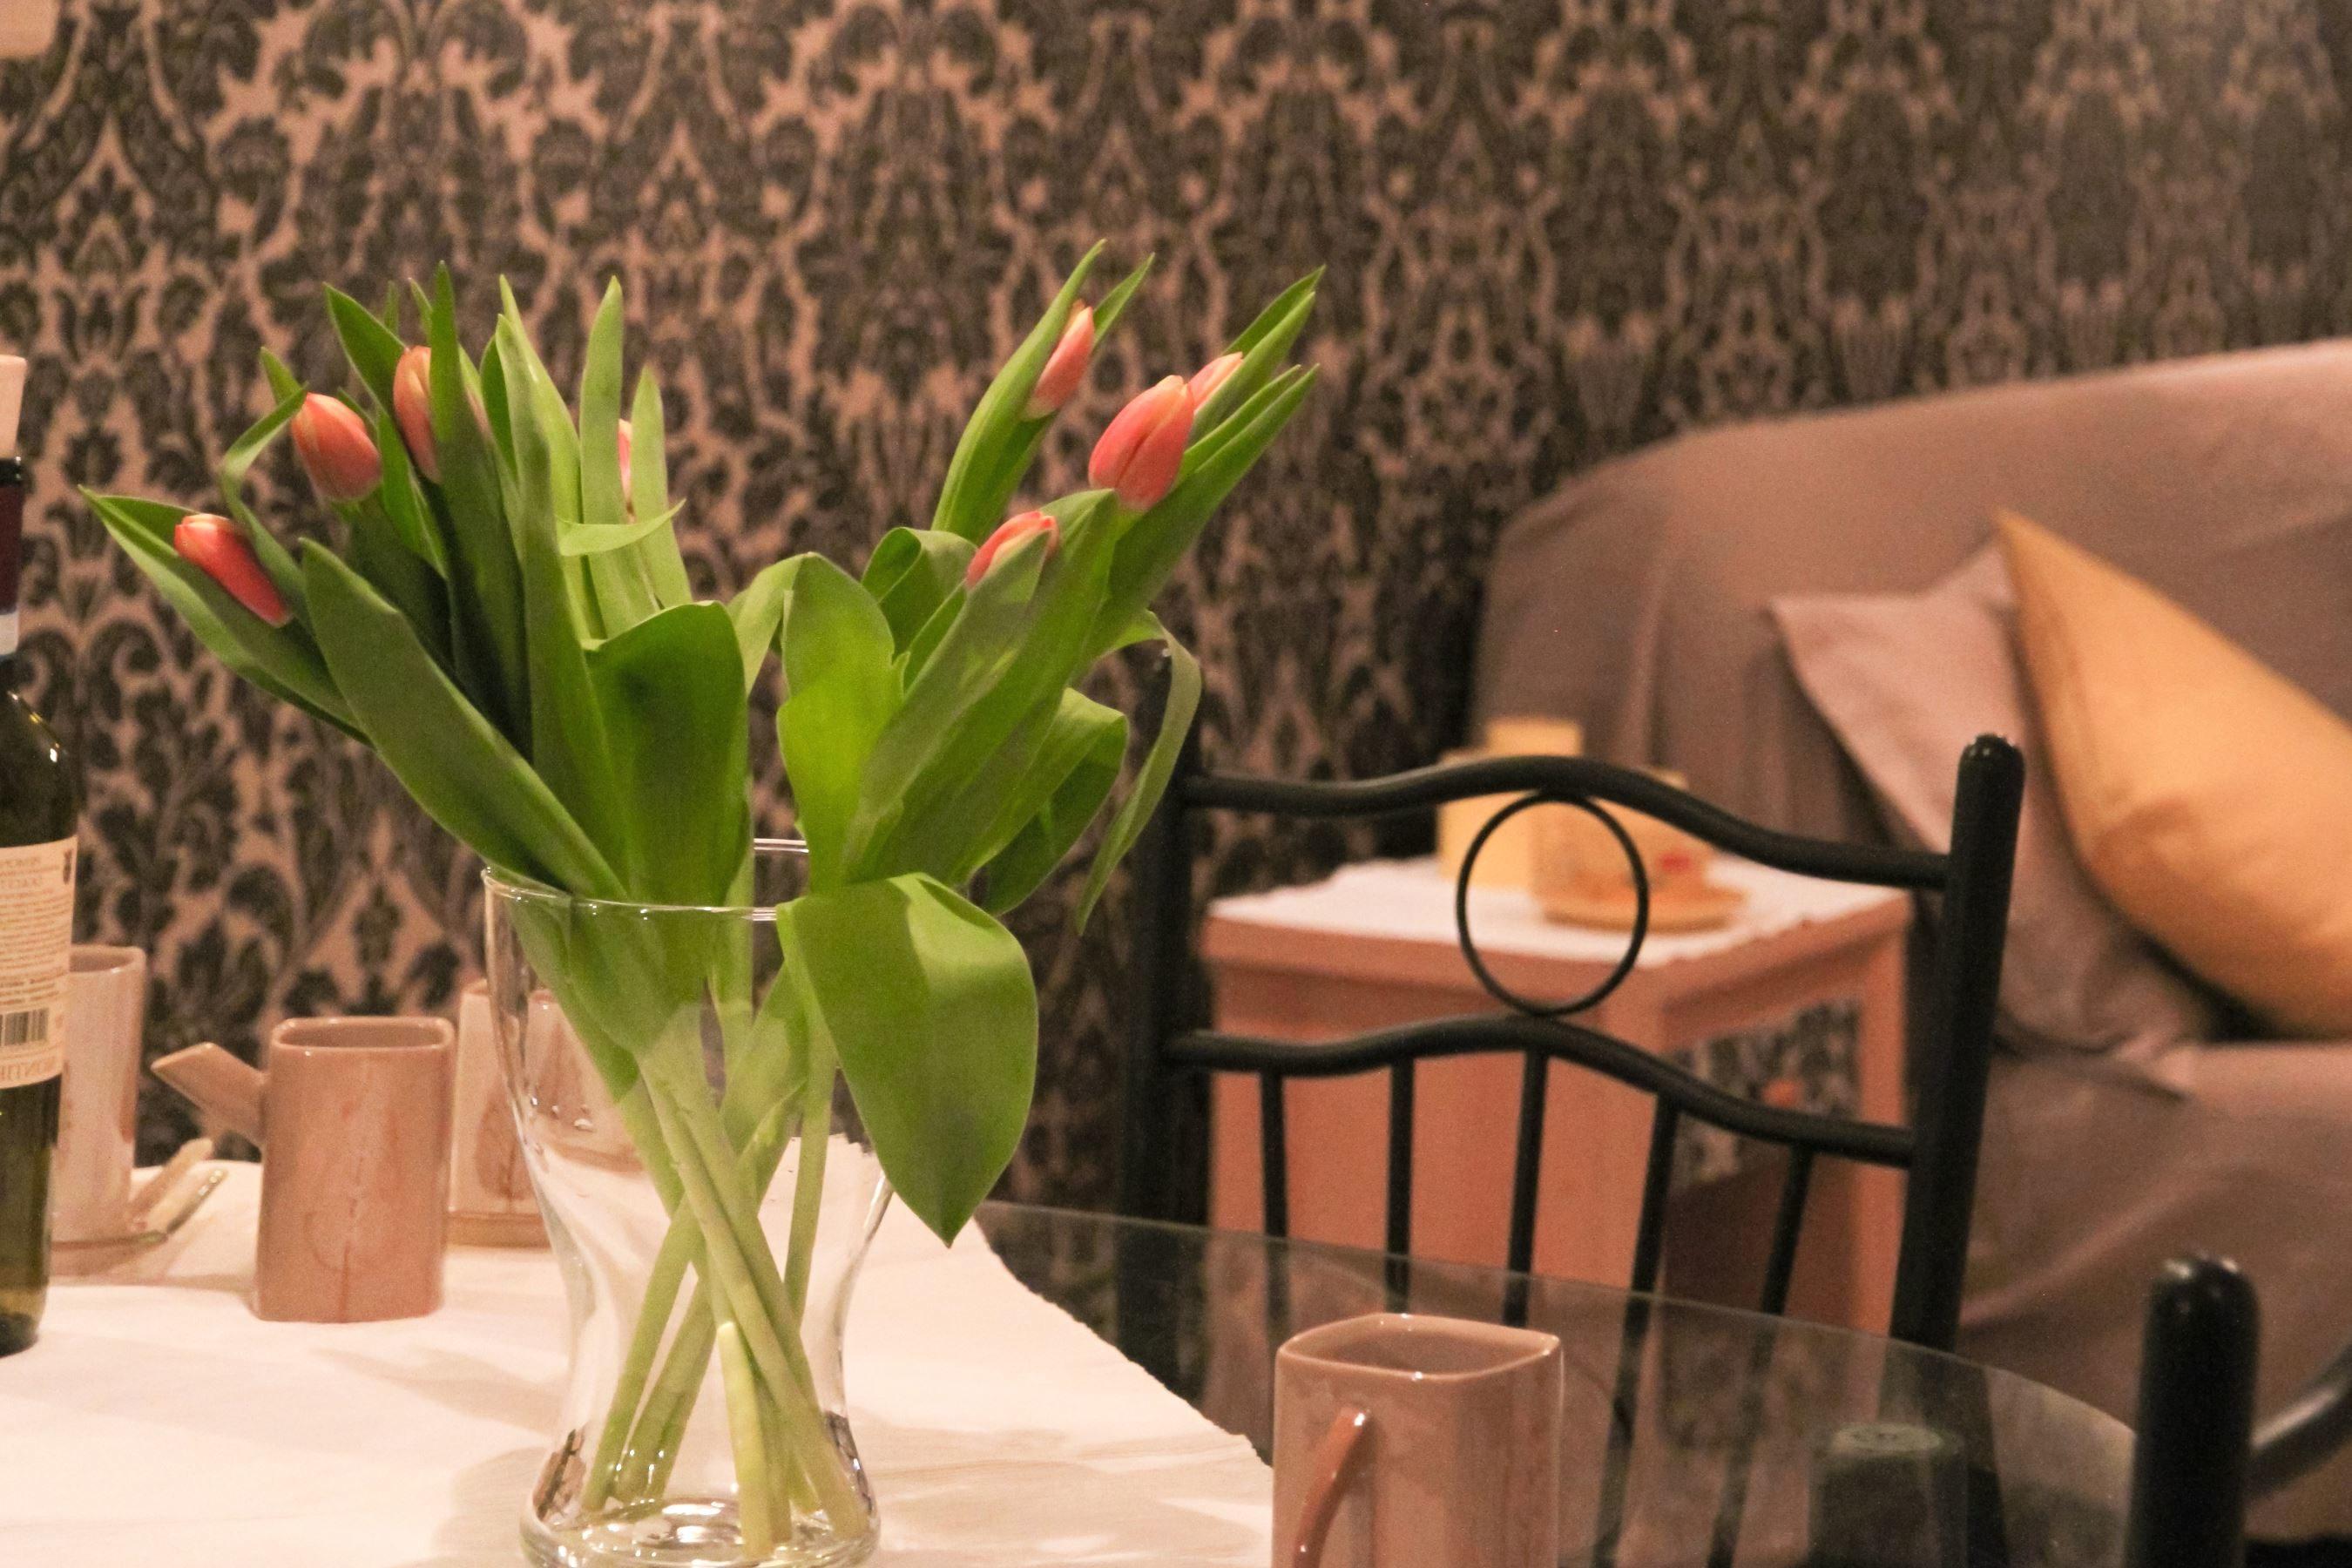 Lampada Fiore Tulipano : Foto gratis: fiore pianta foglia tulipano germoglio tavolo